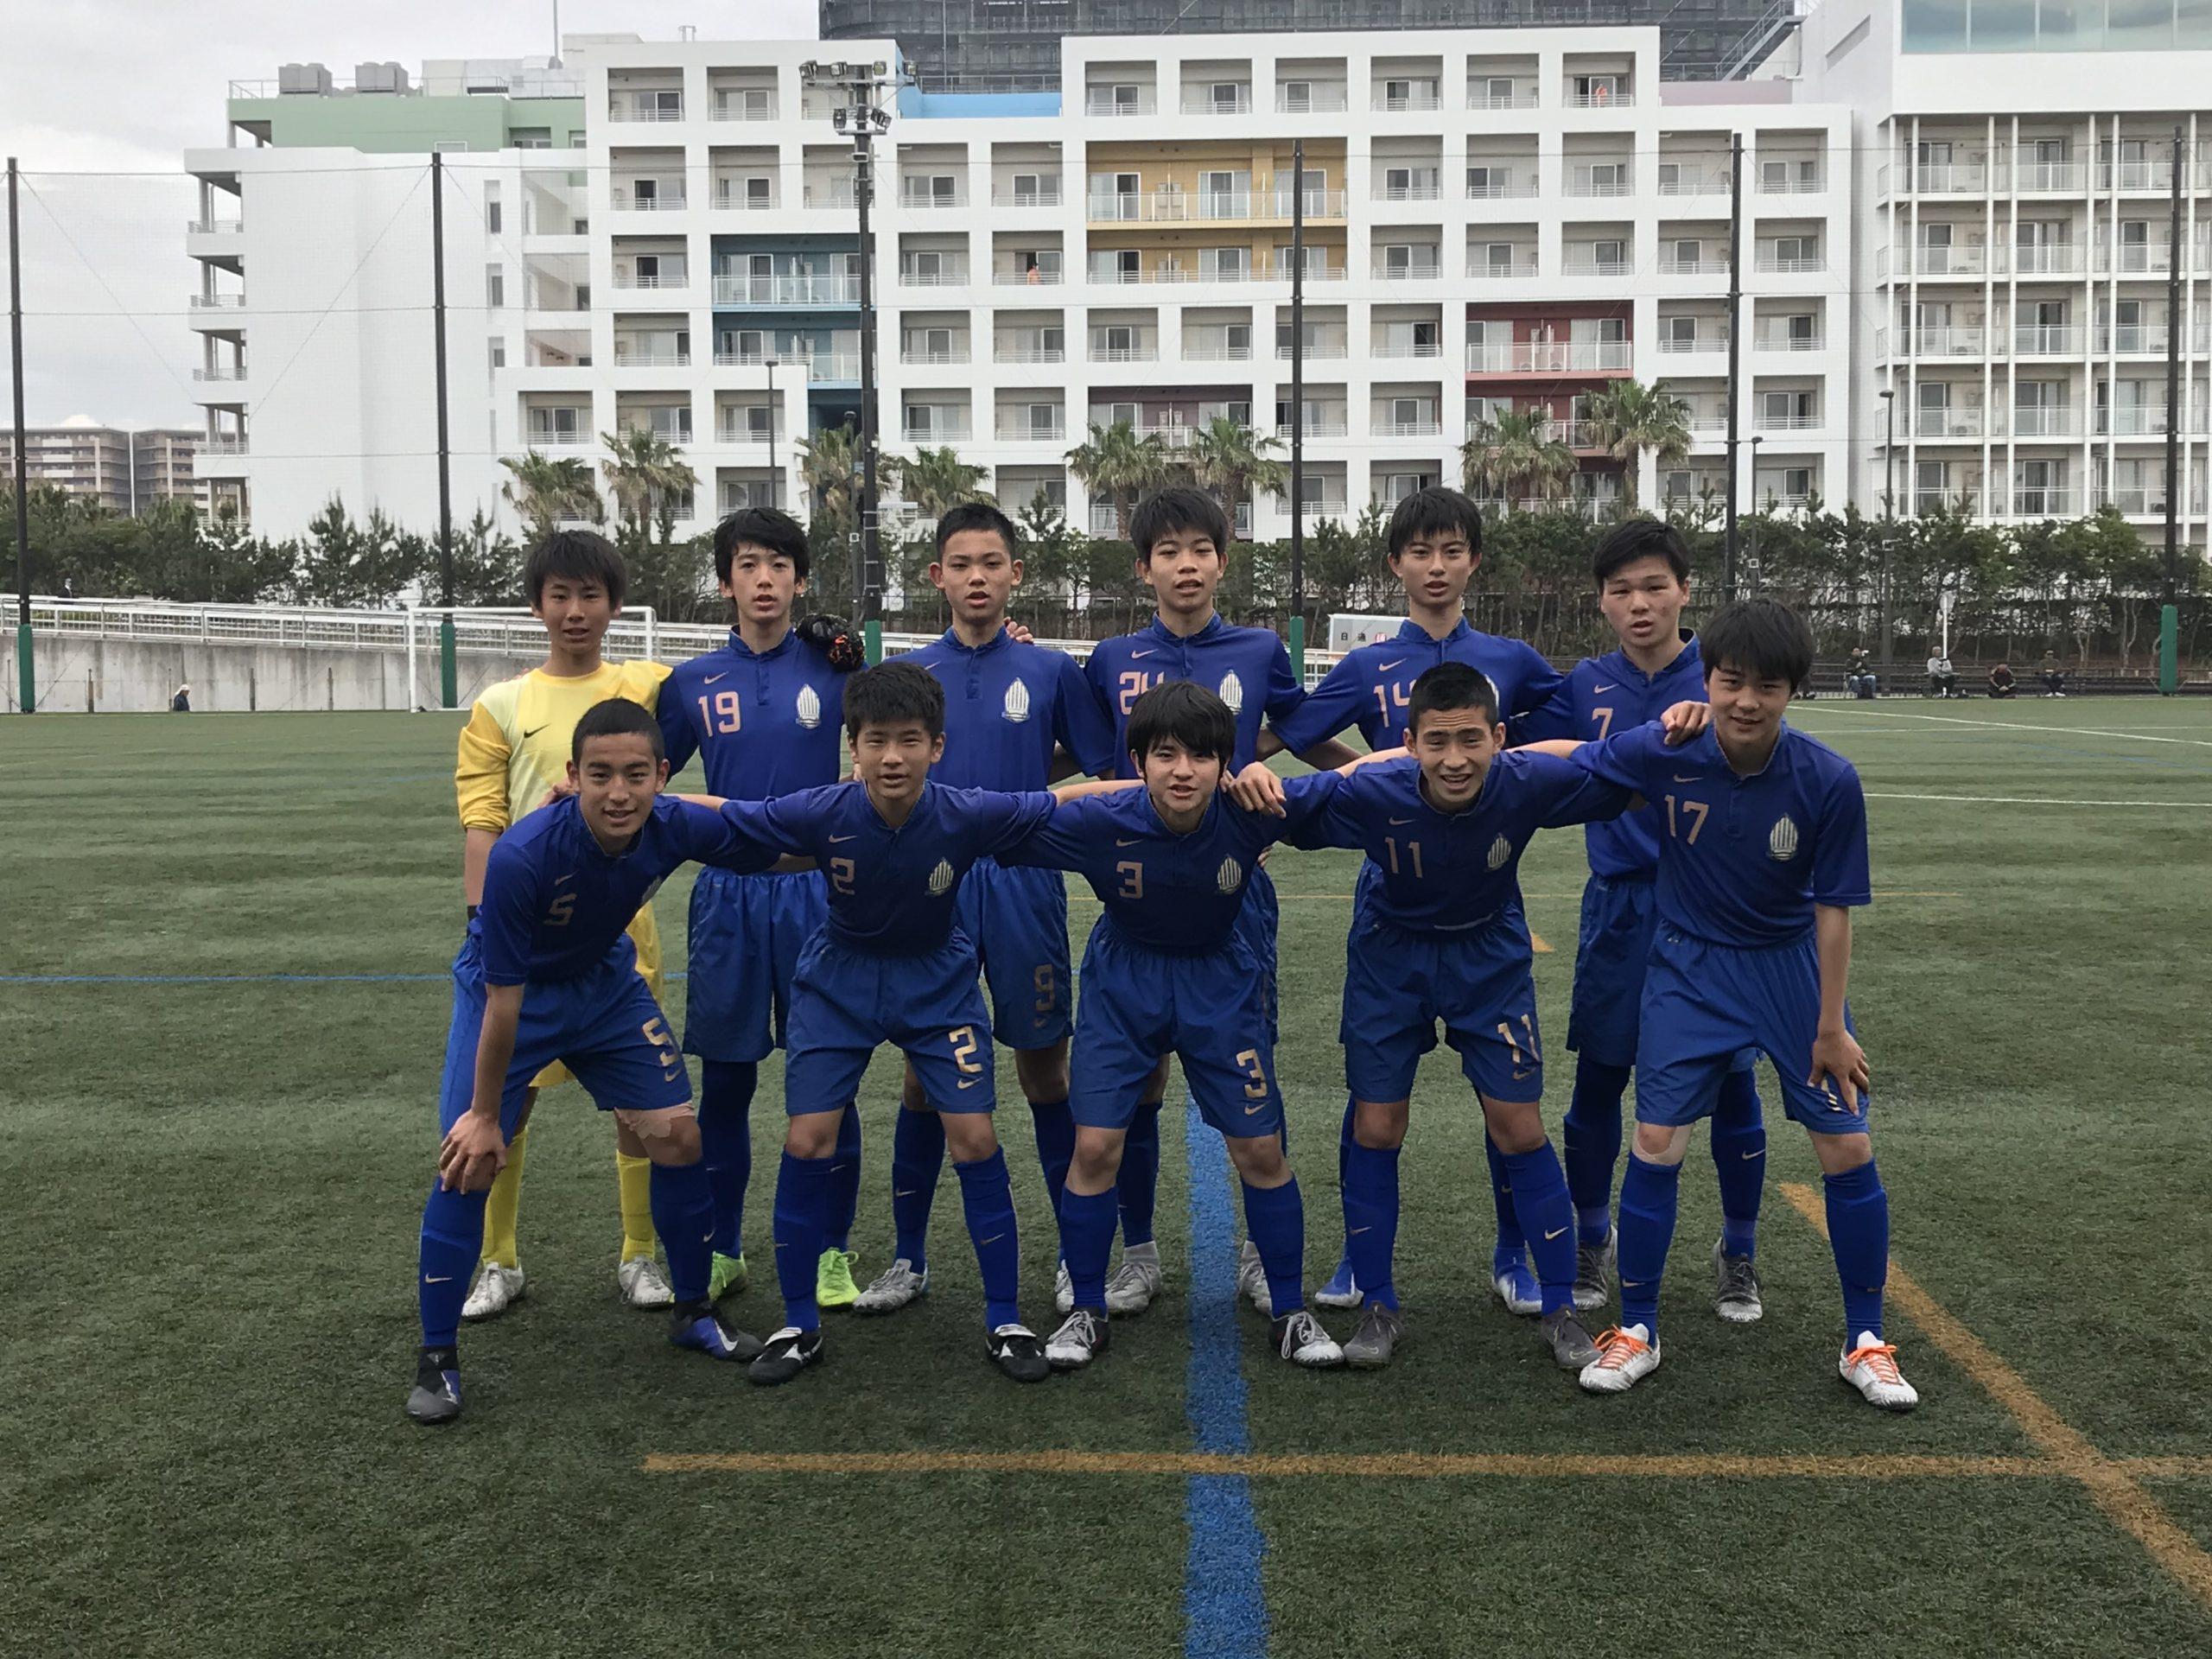 【U15】U-15クラブユース選手権